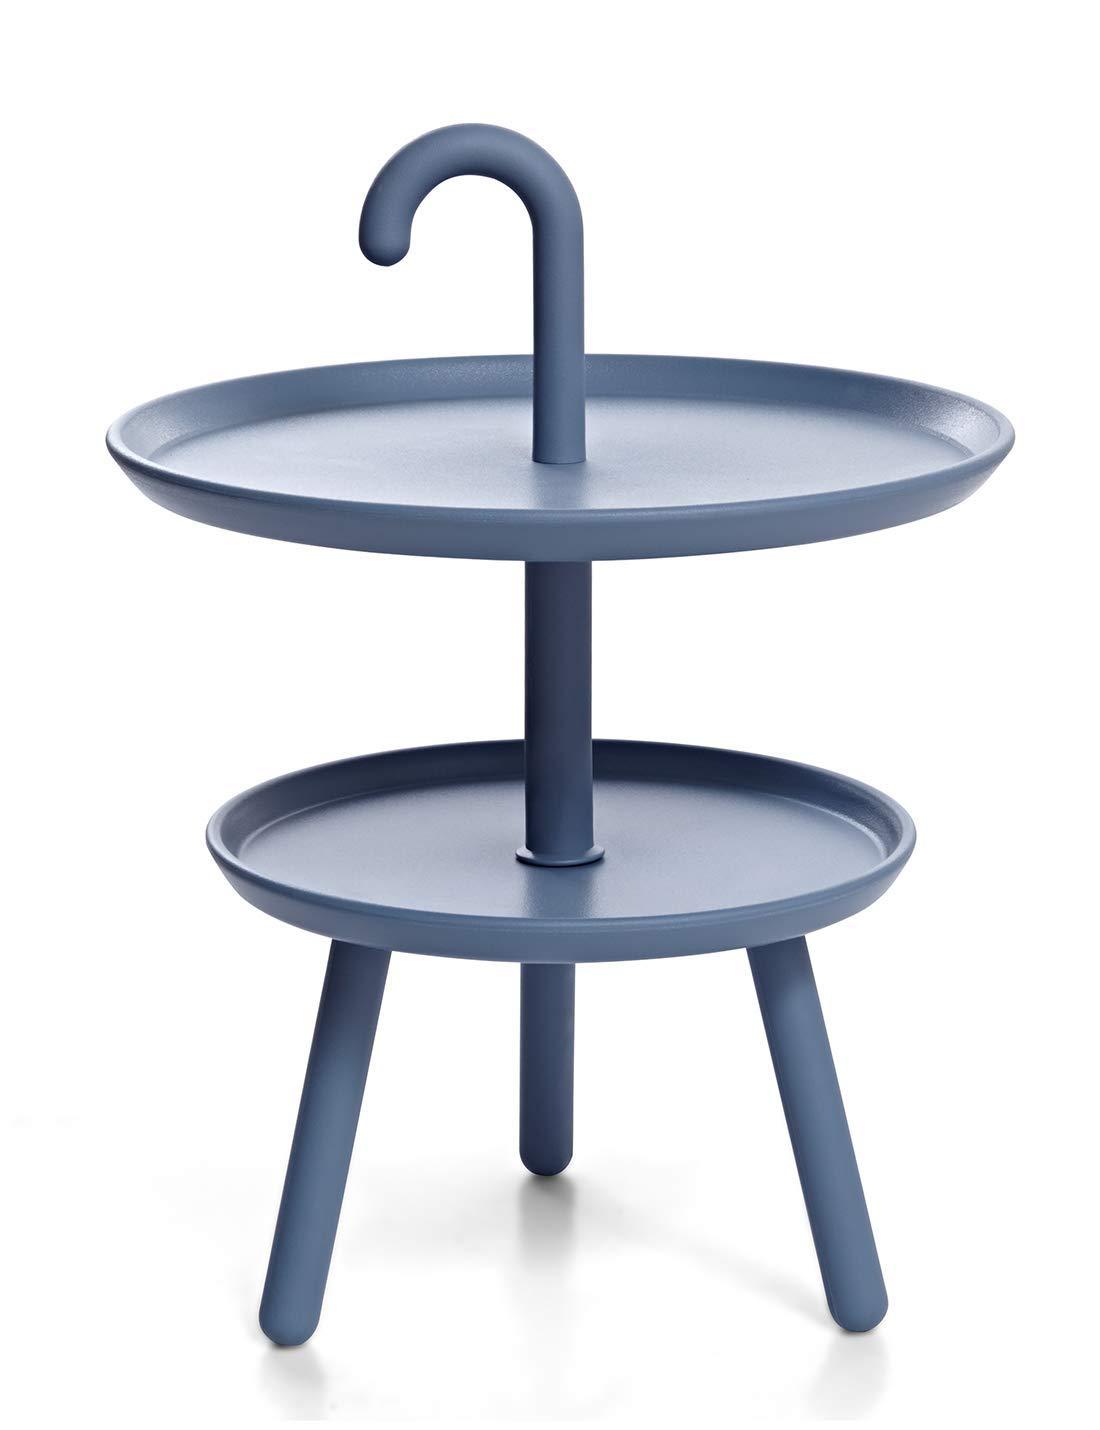 Full Size of Ikea Gartentisch Kleiner Runder Couchtisch Suhu Klein Tisch Rund Genial Betten Bei Miniküche 160x200 Küche Kosten Kaufen Modulküche Sofa Mit Schlaffunktion Wohnzimmer Ikea Gartentisch